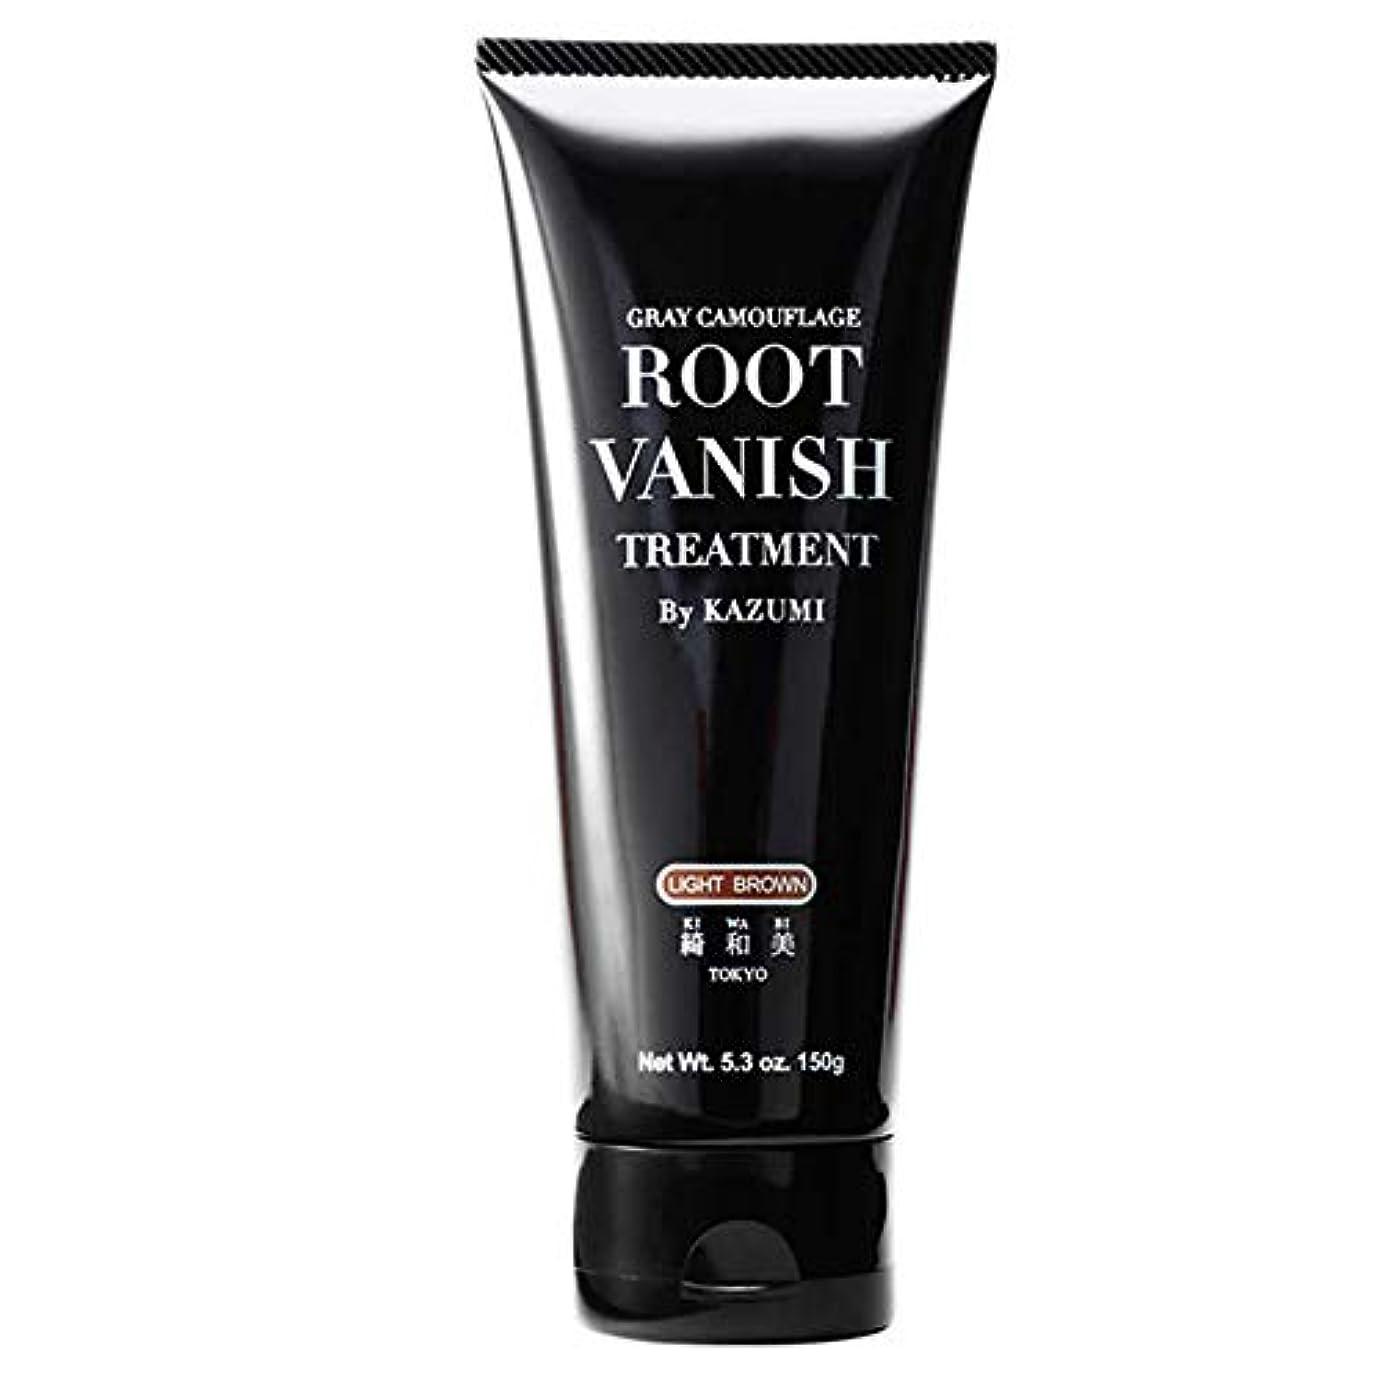 海外で怖い子猫Root Vanish 白髪染め (ライトブラウン) ヘアカラートリートメント 女性用 [100%天然成分 / 無添加22種類の植物エキス配合]